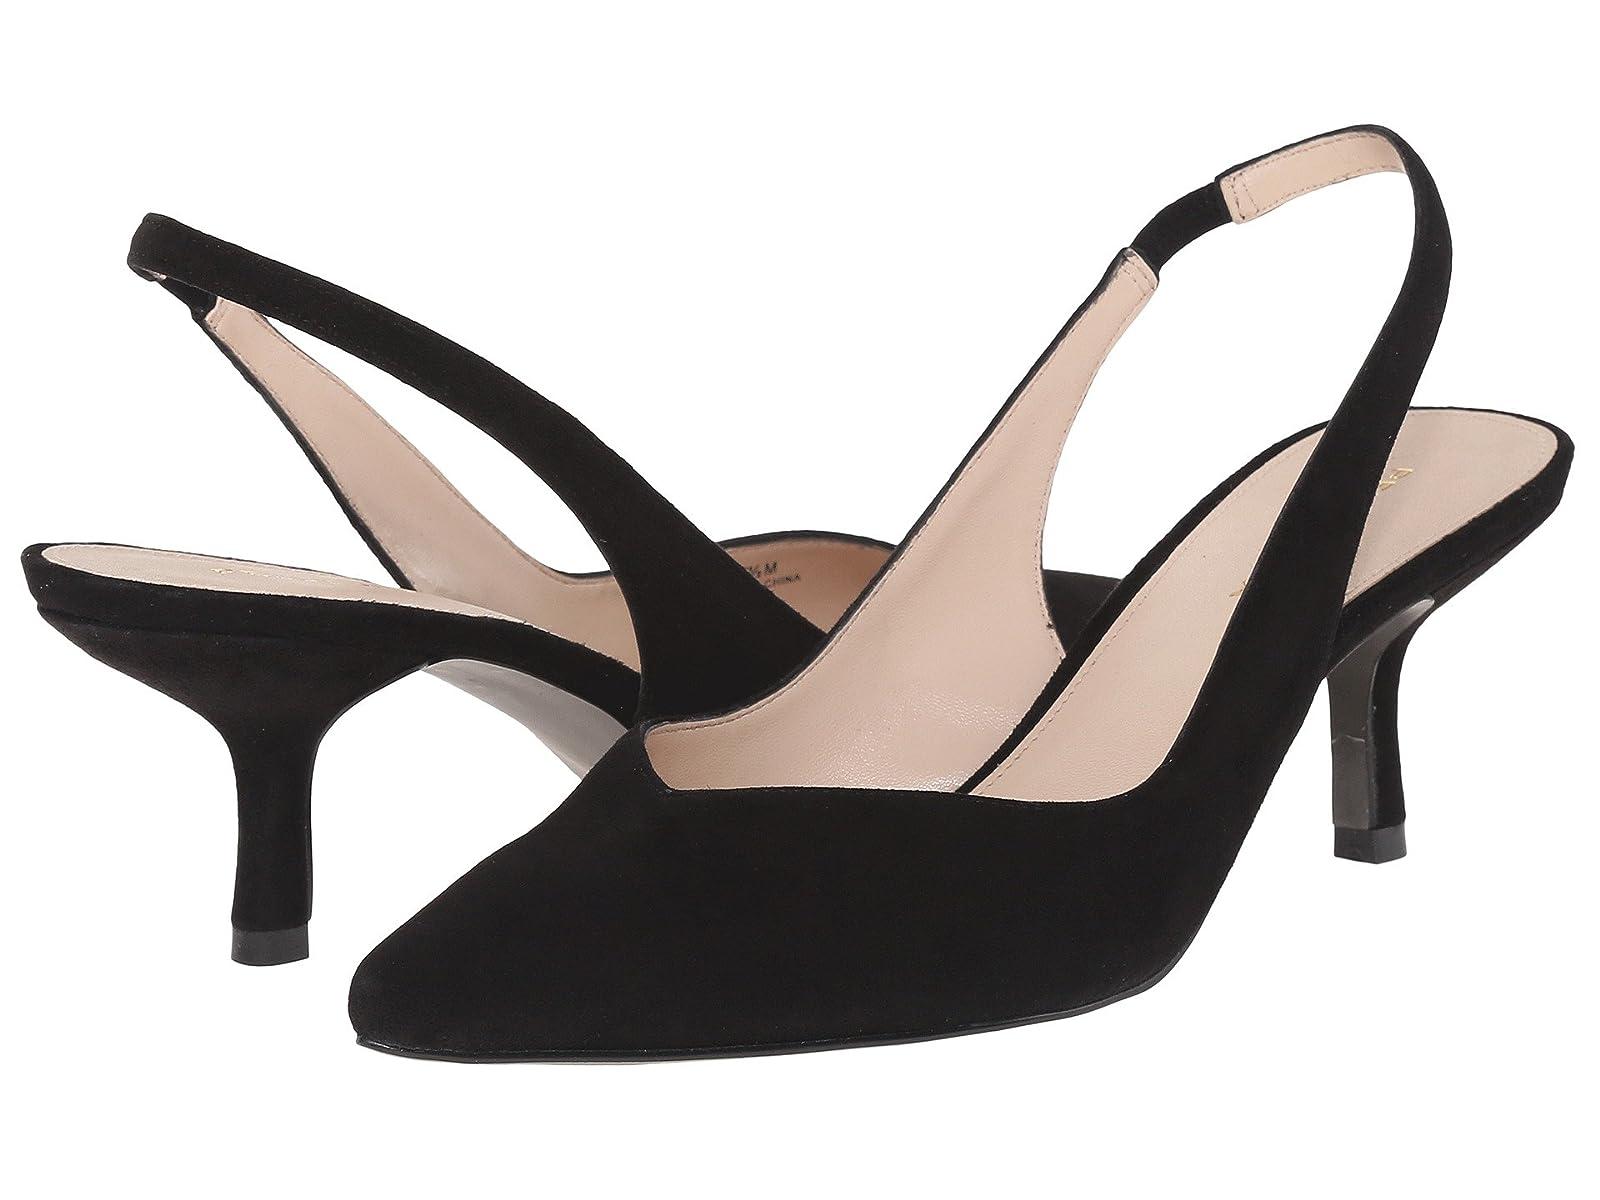 Pelle Moda OasisAtmospheric grades have affordable shoes